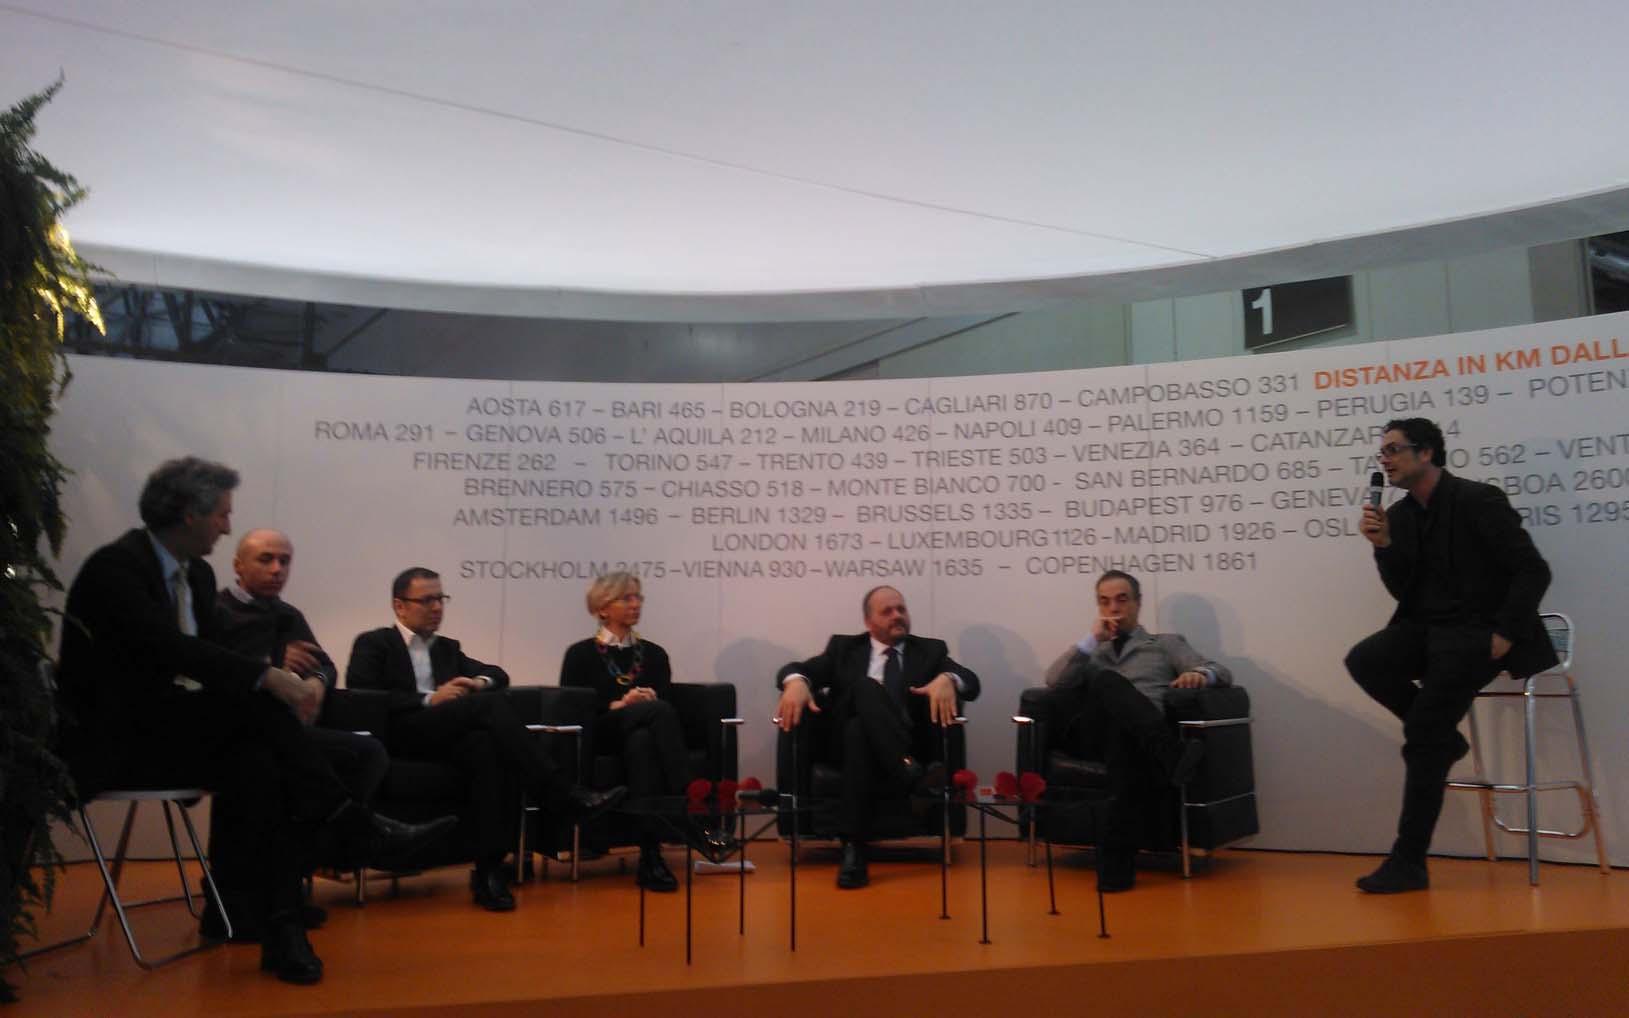 Bit 2012, da destra Stefano Greco, Maurizio Compagnoni, Giovanni Gaspari, Margherita Sorge, Paolo D'Erasmo, Simone Splendiani